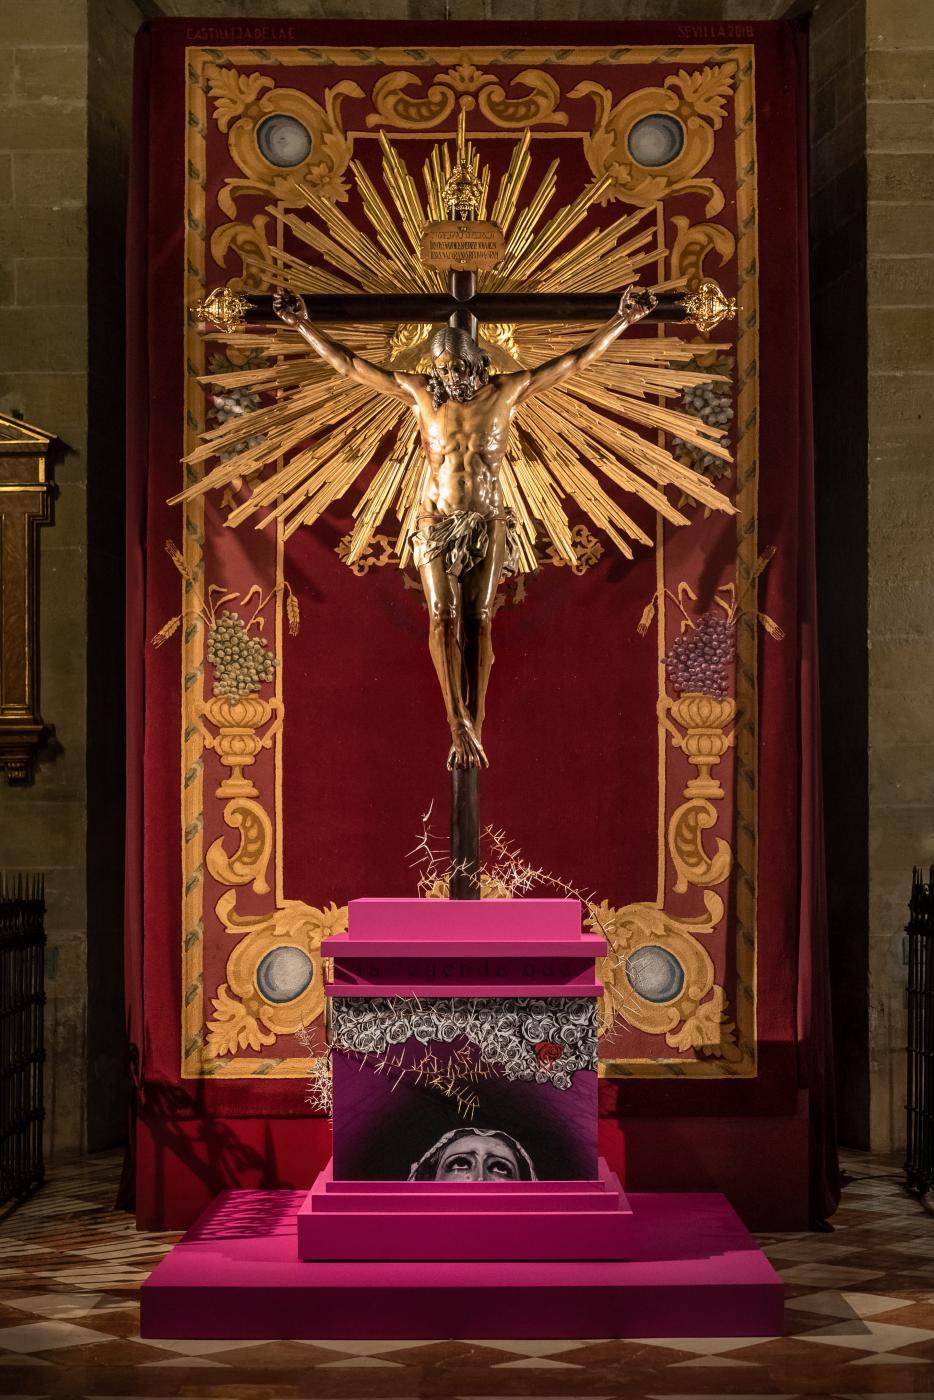 Exposición y veneración de imágenes El Verbo Encarnado. Santísimo Cristo de los Milagros. Capilla de San Miguel (Puerta de San Nicolás).